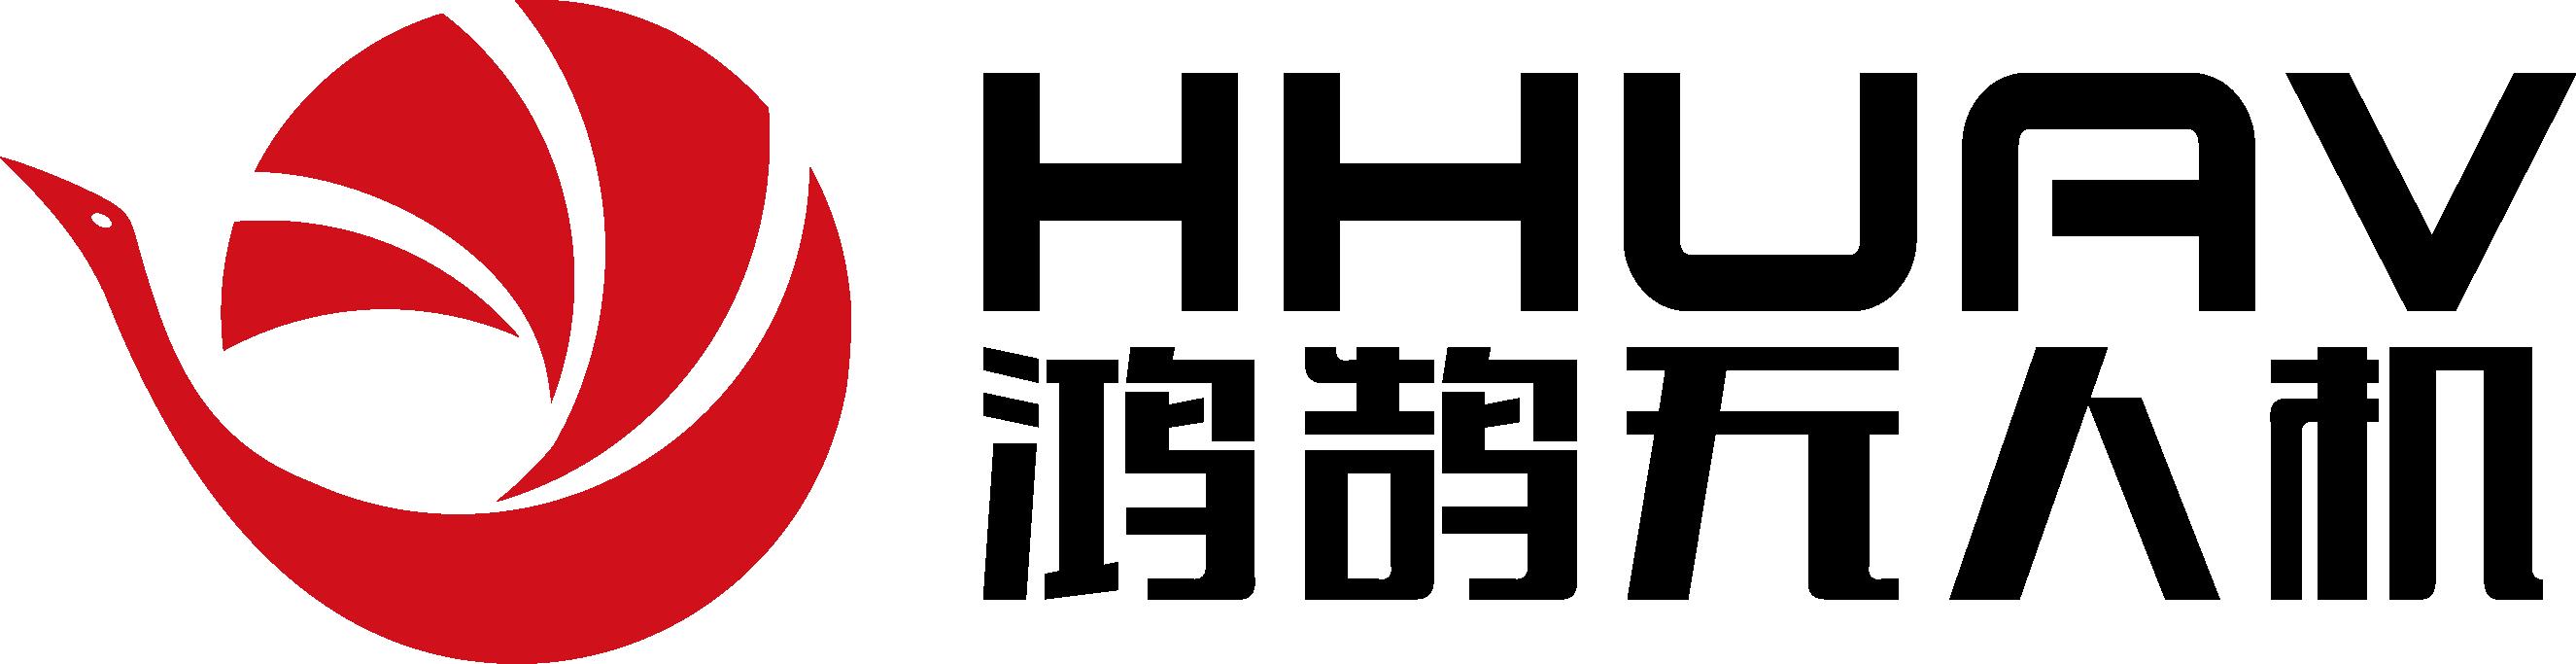 江蘇鴻鵠無人機應用科技有限公司